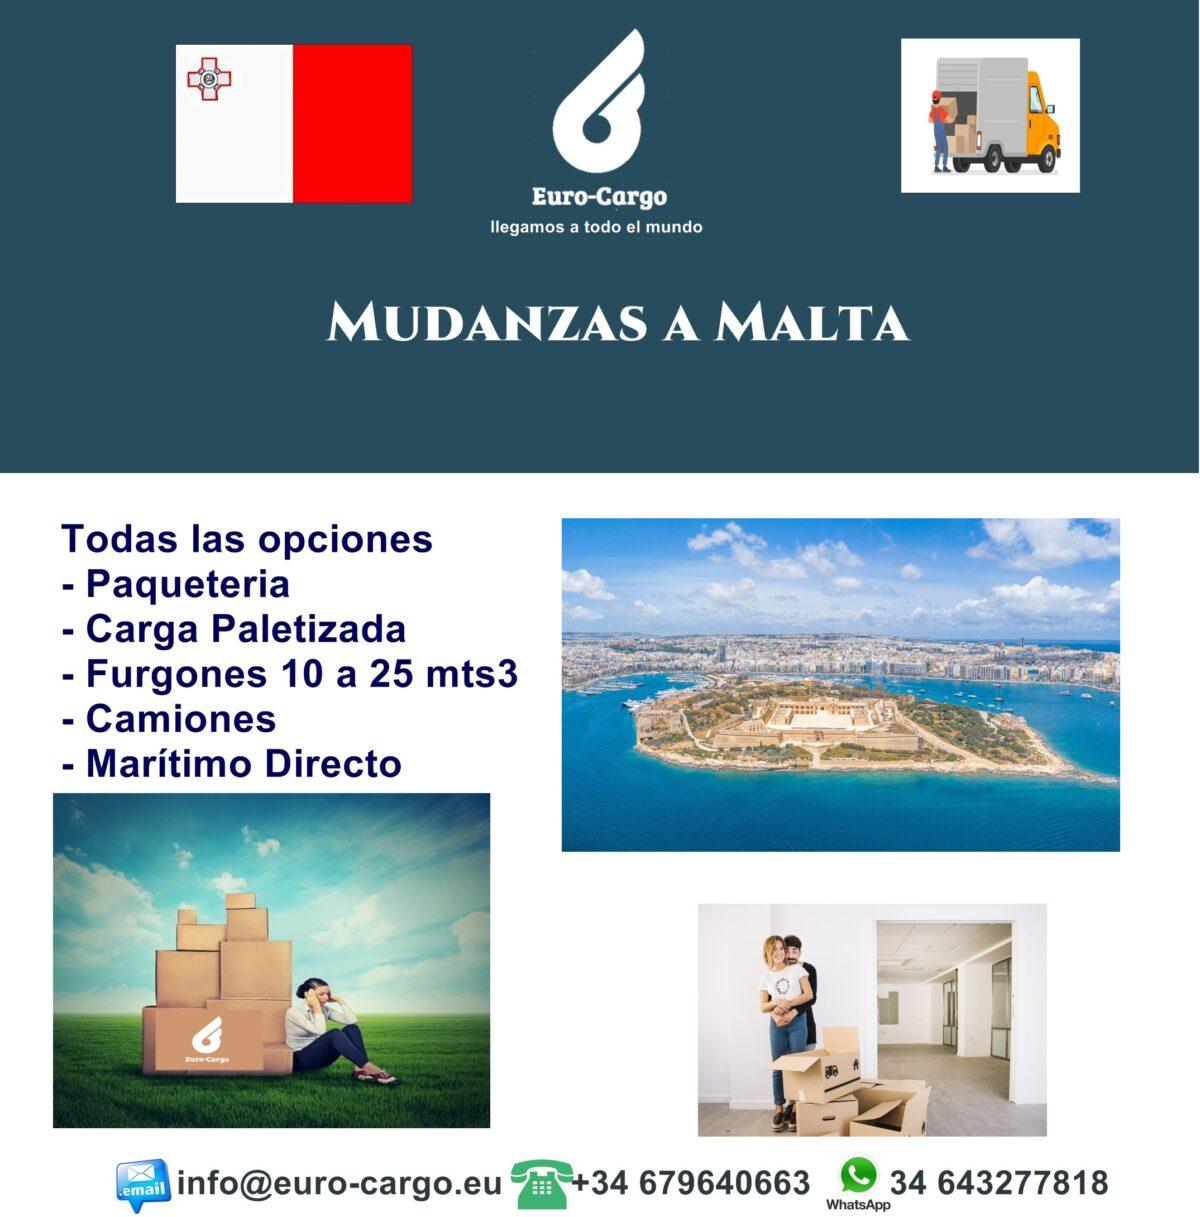 Mudanzas-a-Malta-1200x1217.jpg